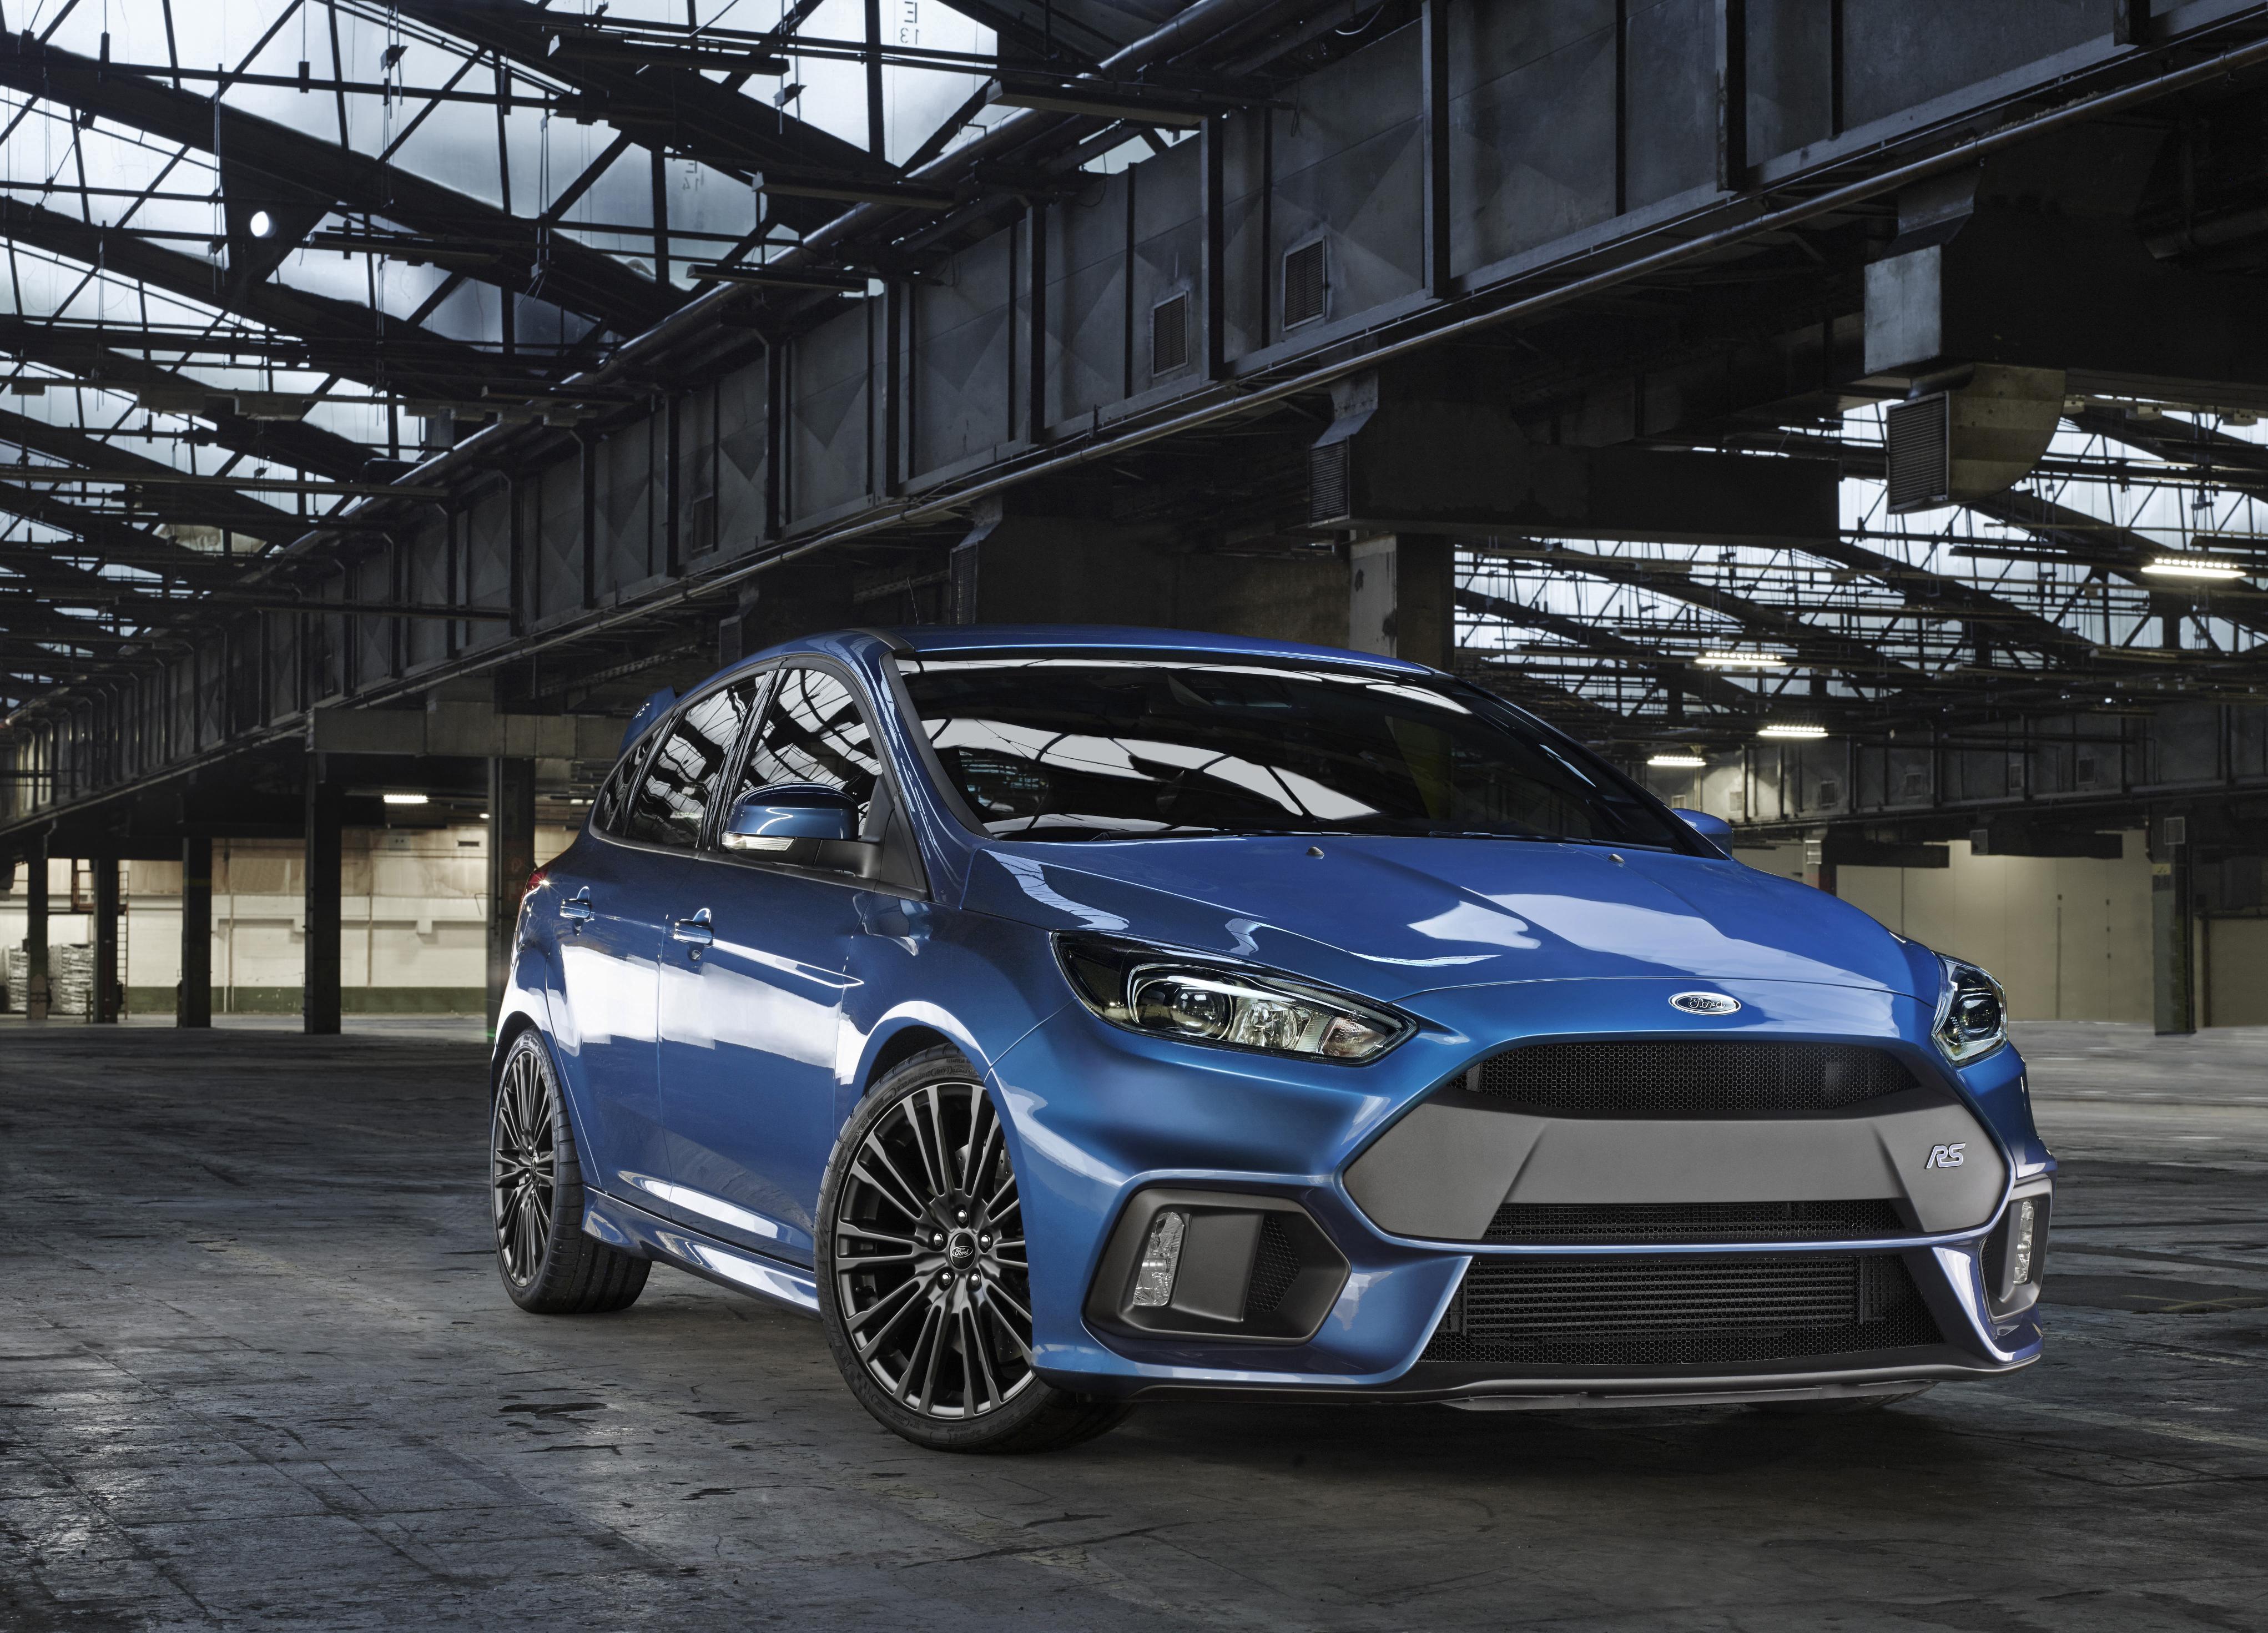 Michelin equipaggia nuova Ford Focus RS